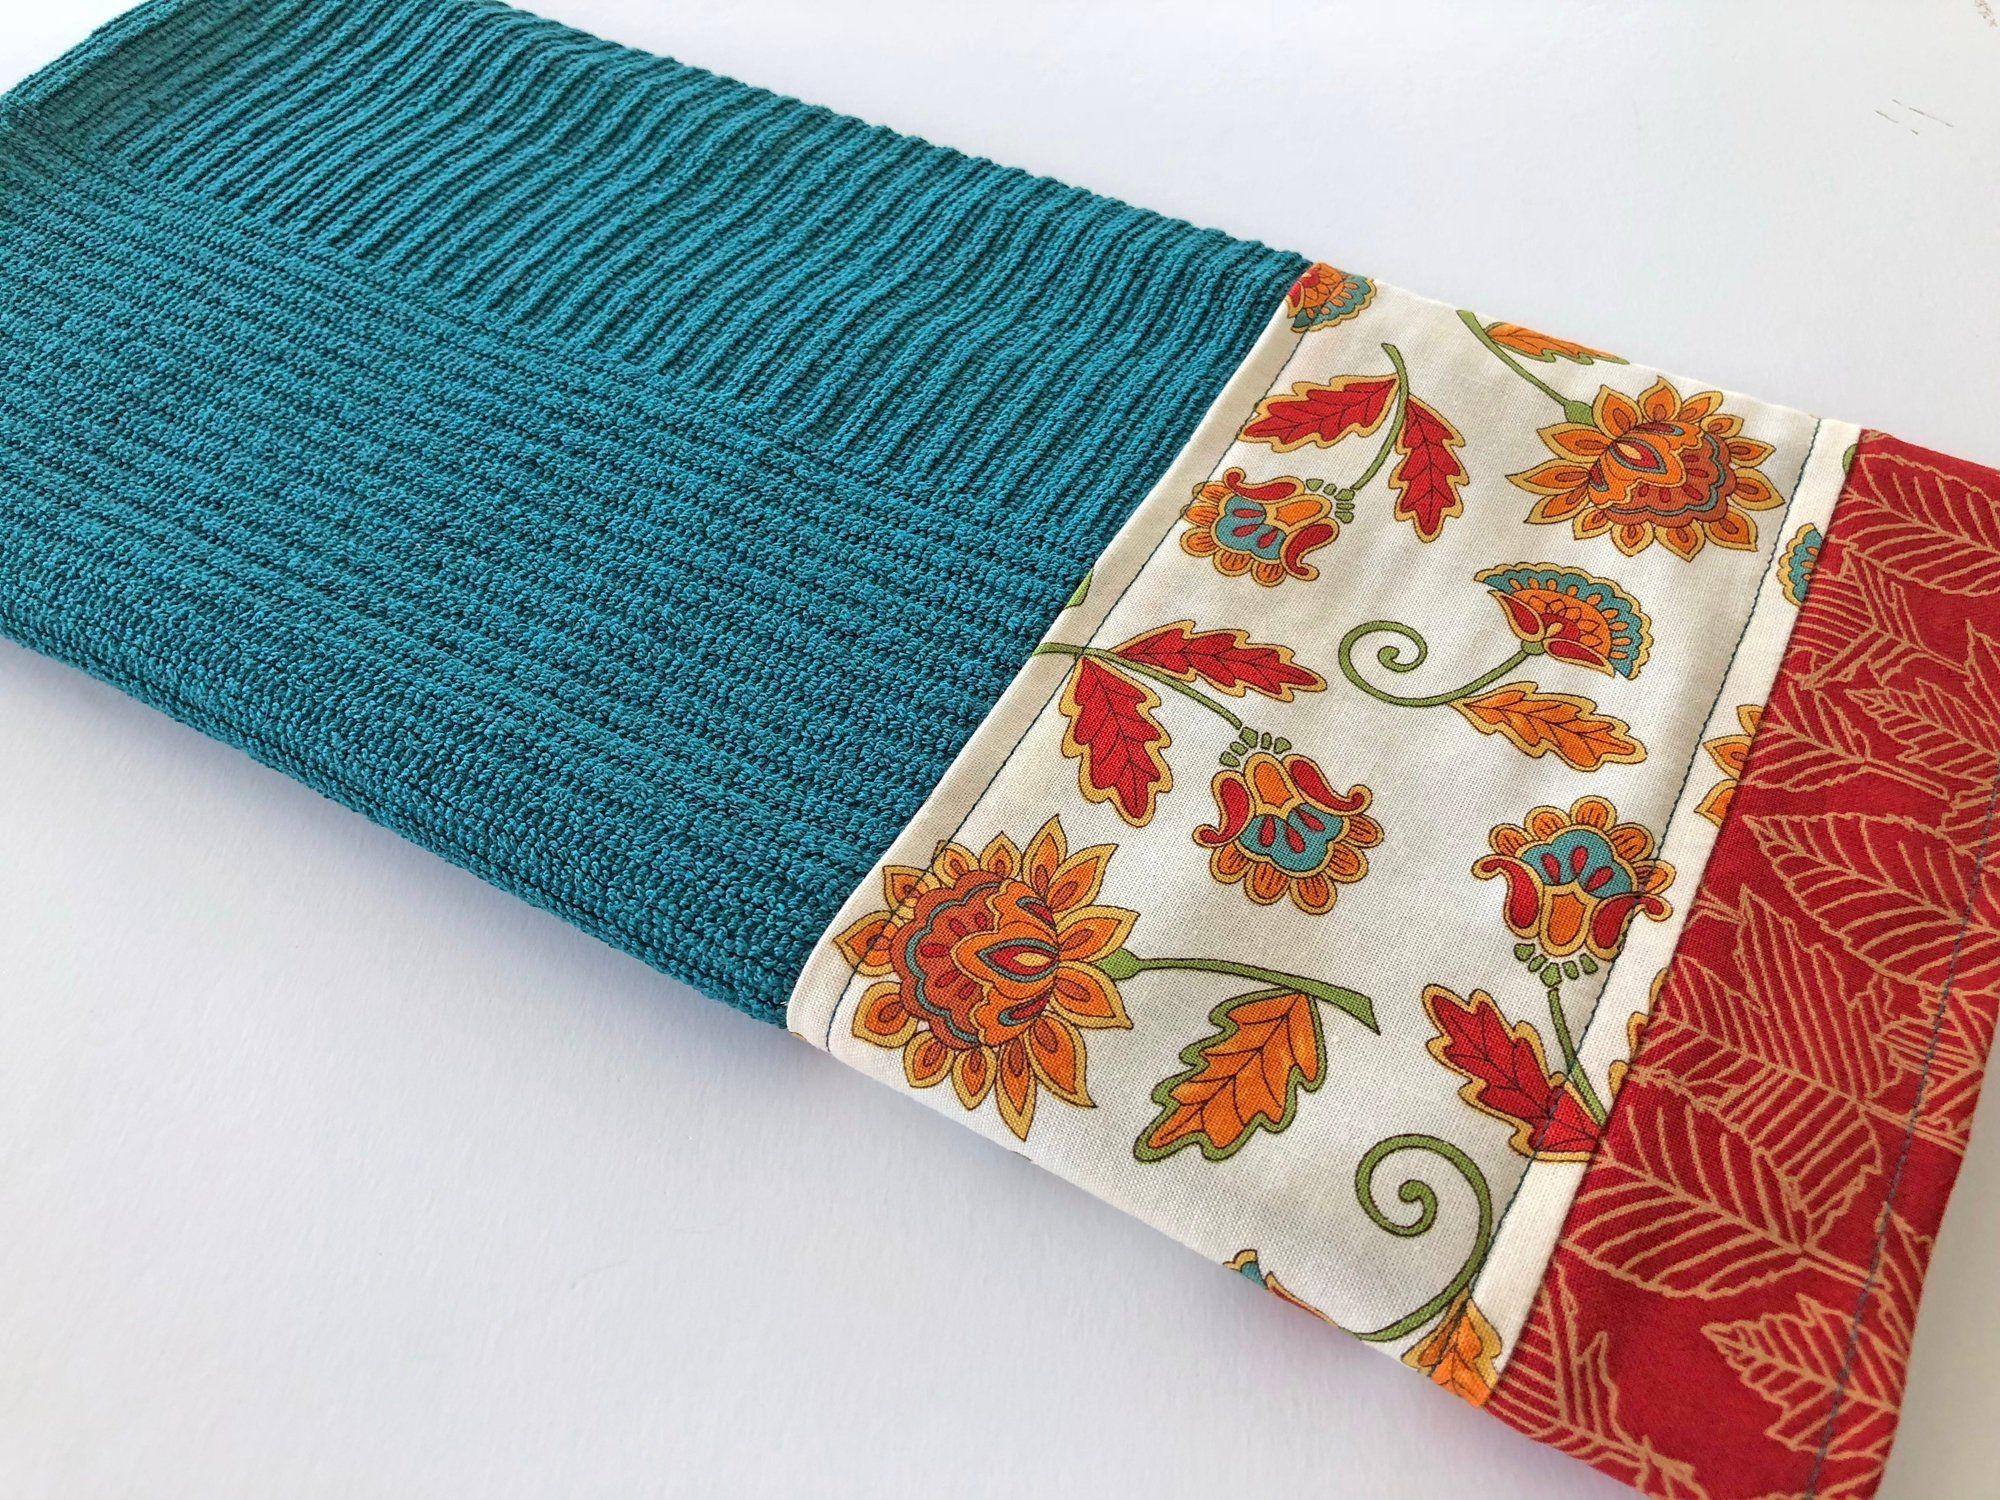 Autumn Fall Kitchen Dish Towel, Teal Kitchen Dish Towel ...